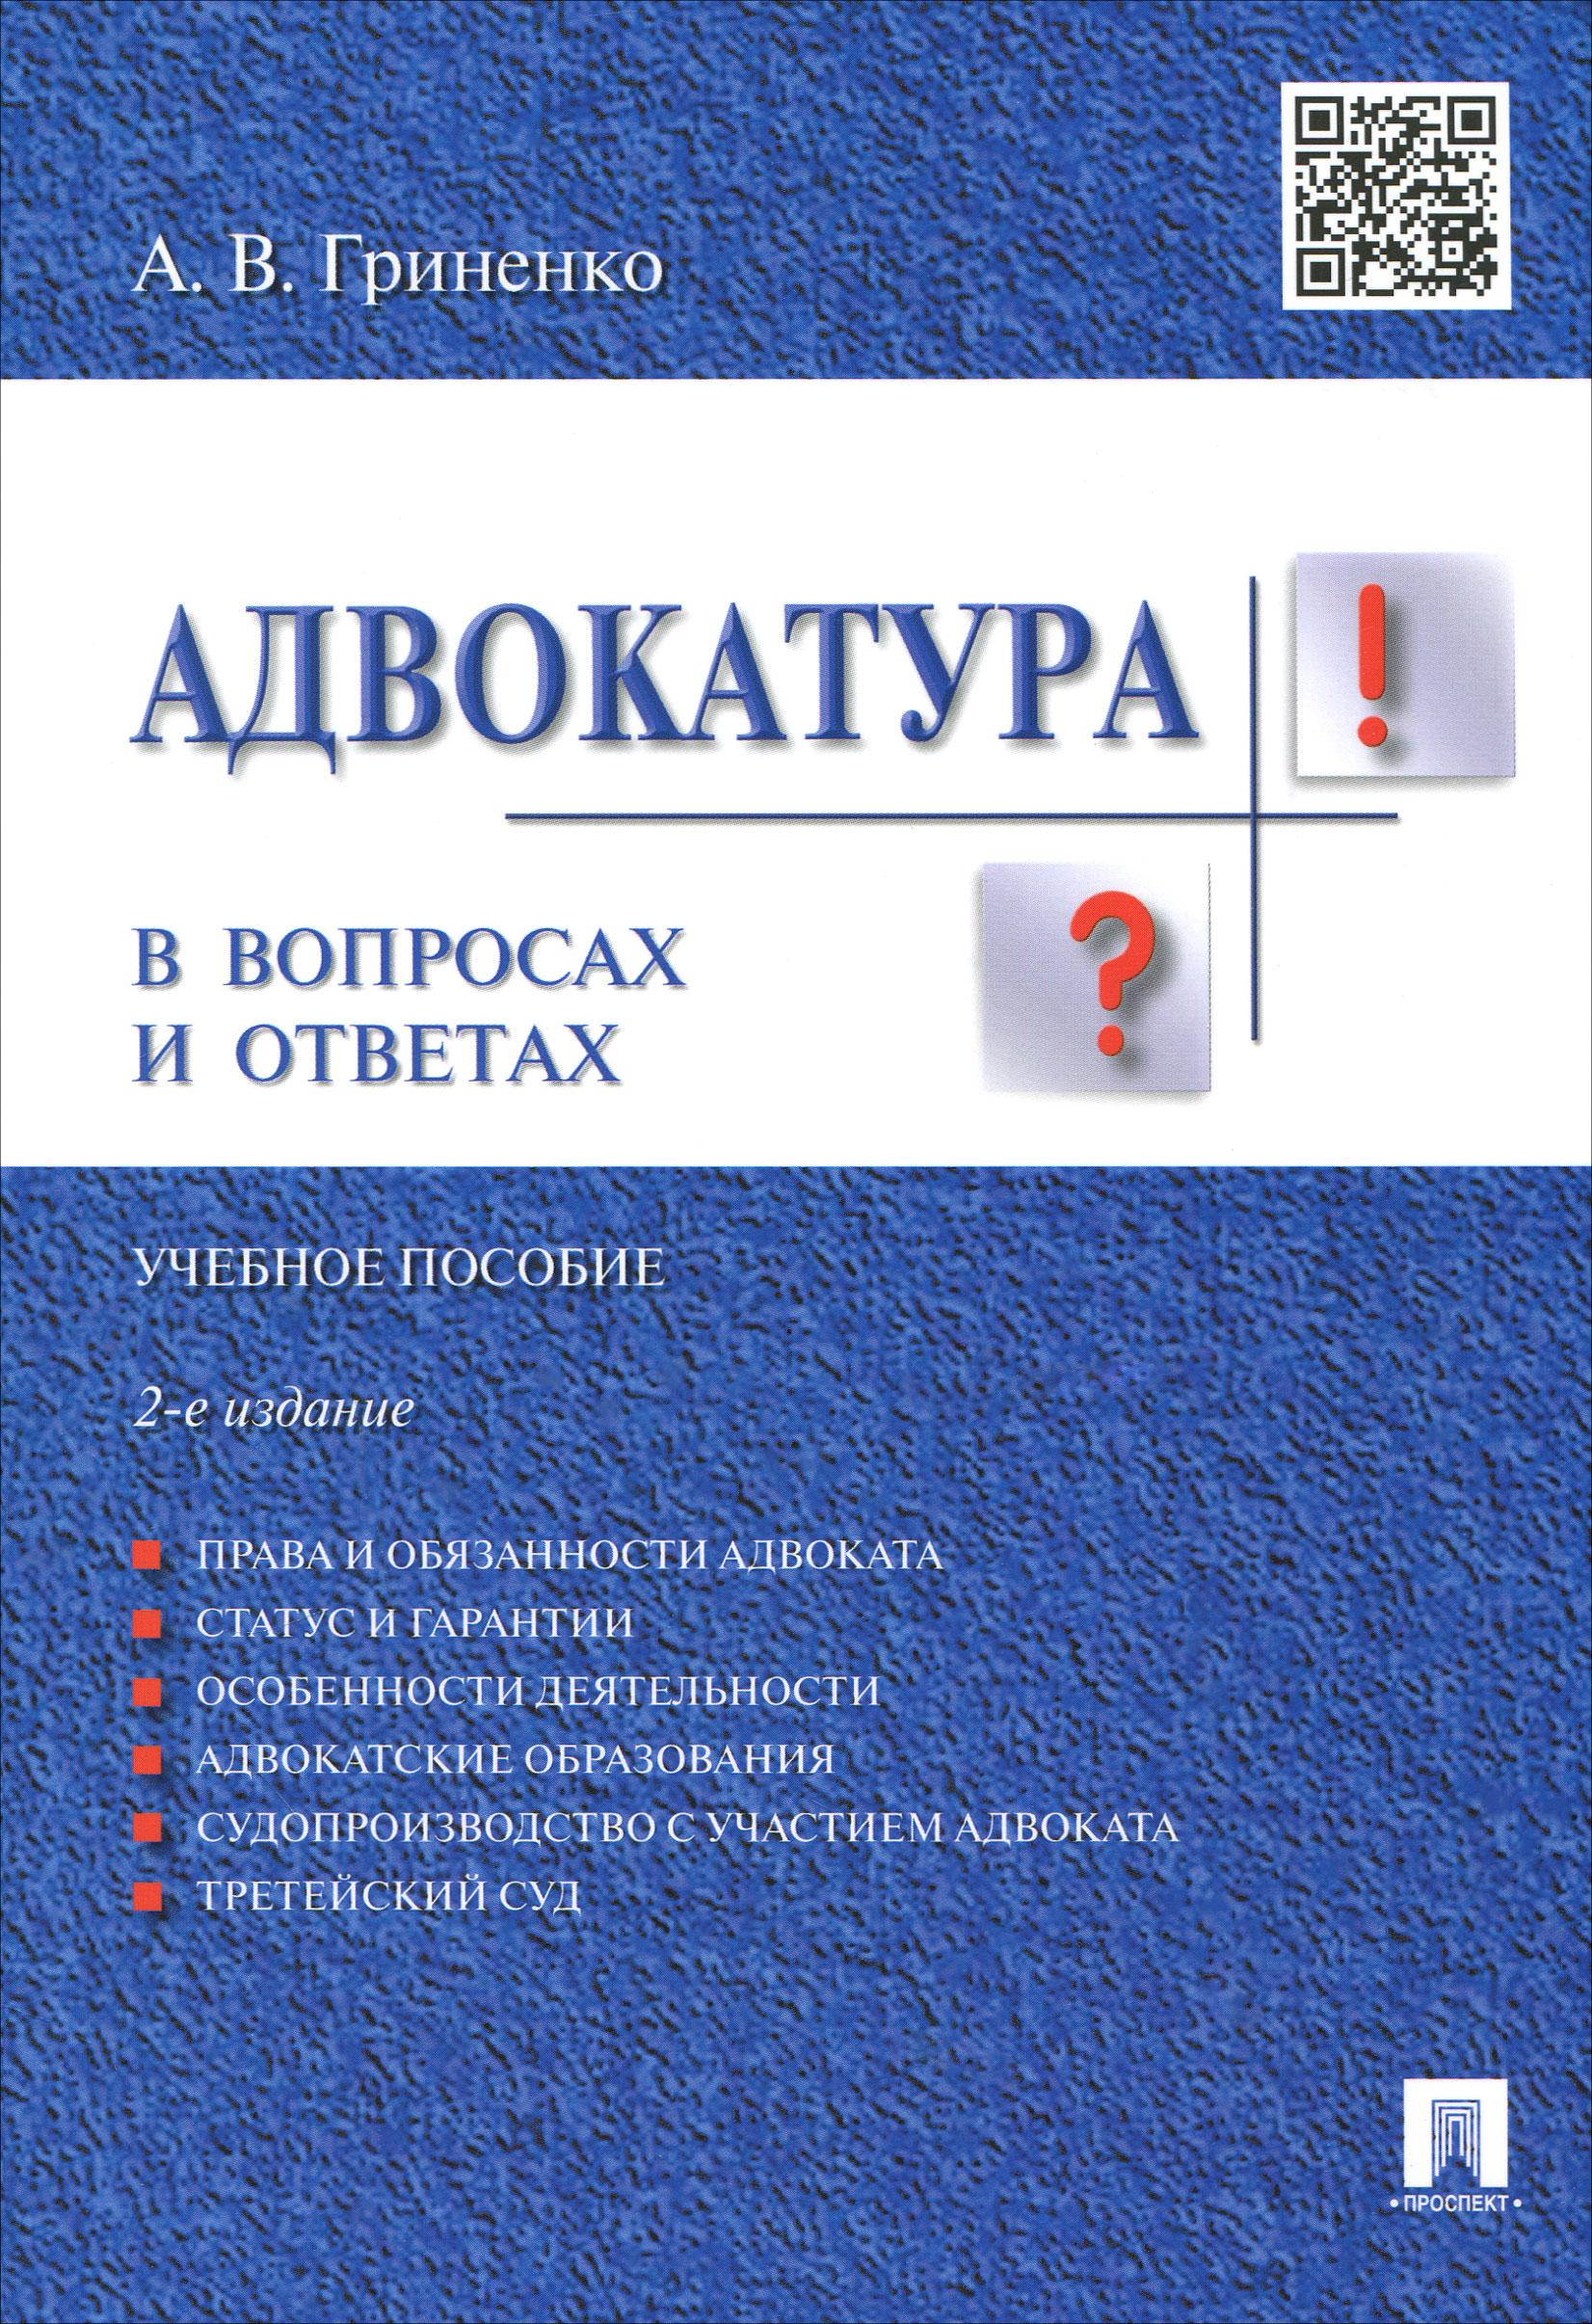 Адвокатура в вопросах и ответах. Учебное пособие, А. В. Гриненко